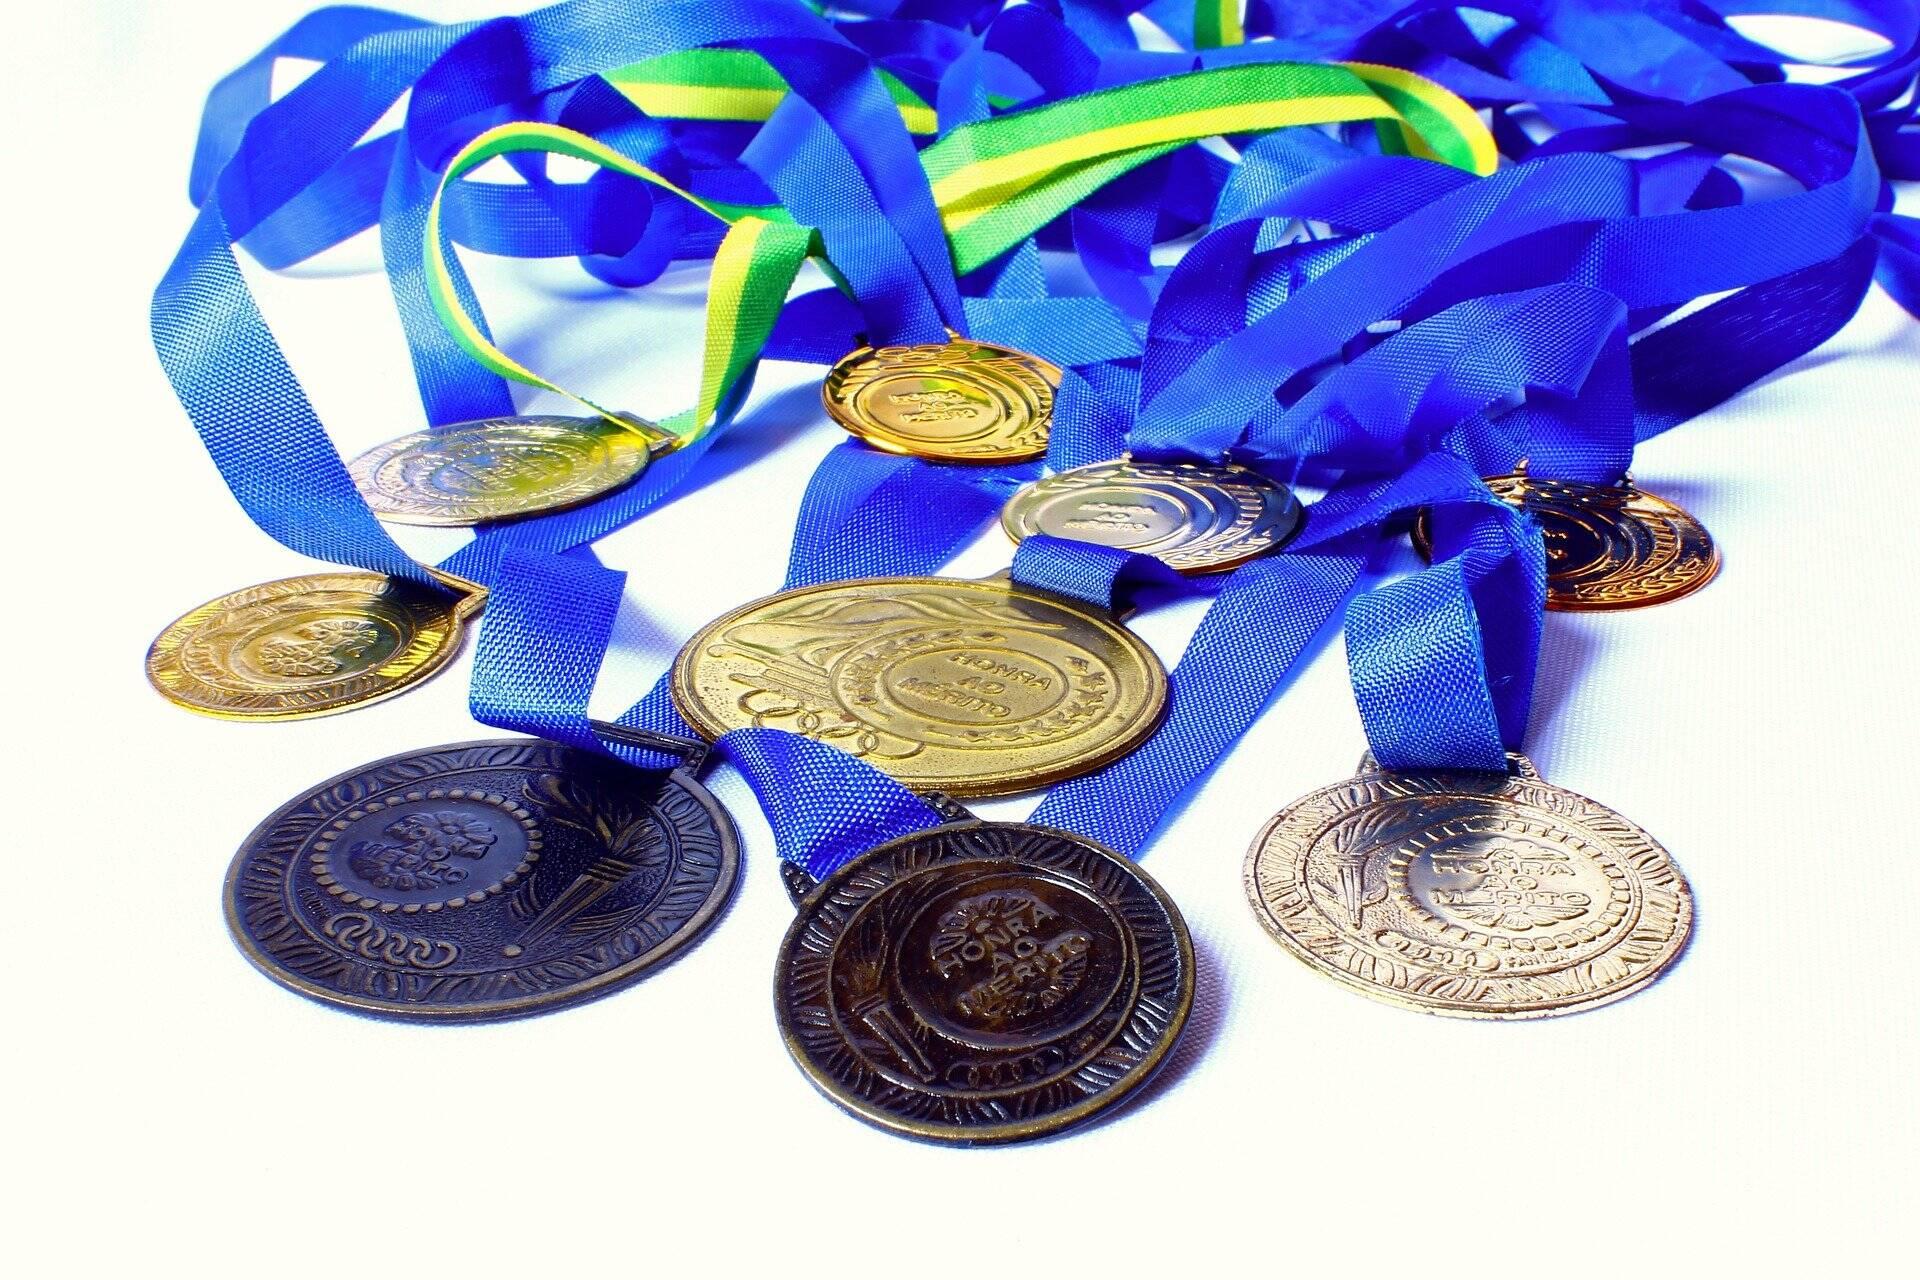 Com um total de 16 medalhas, sendo 4 de ouro, 4 de prata e 8 de bronze (Foto: Pixabay)